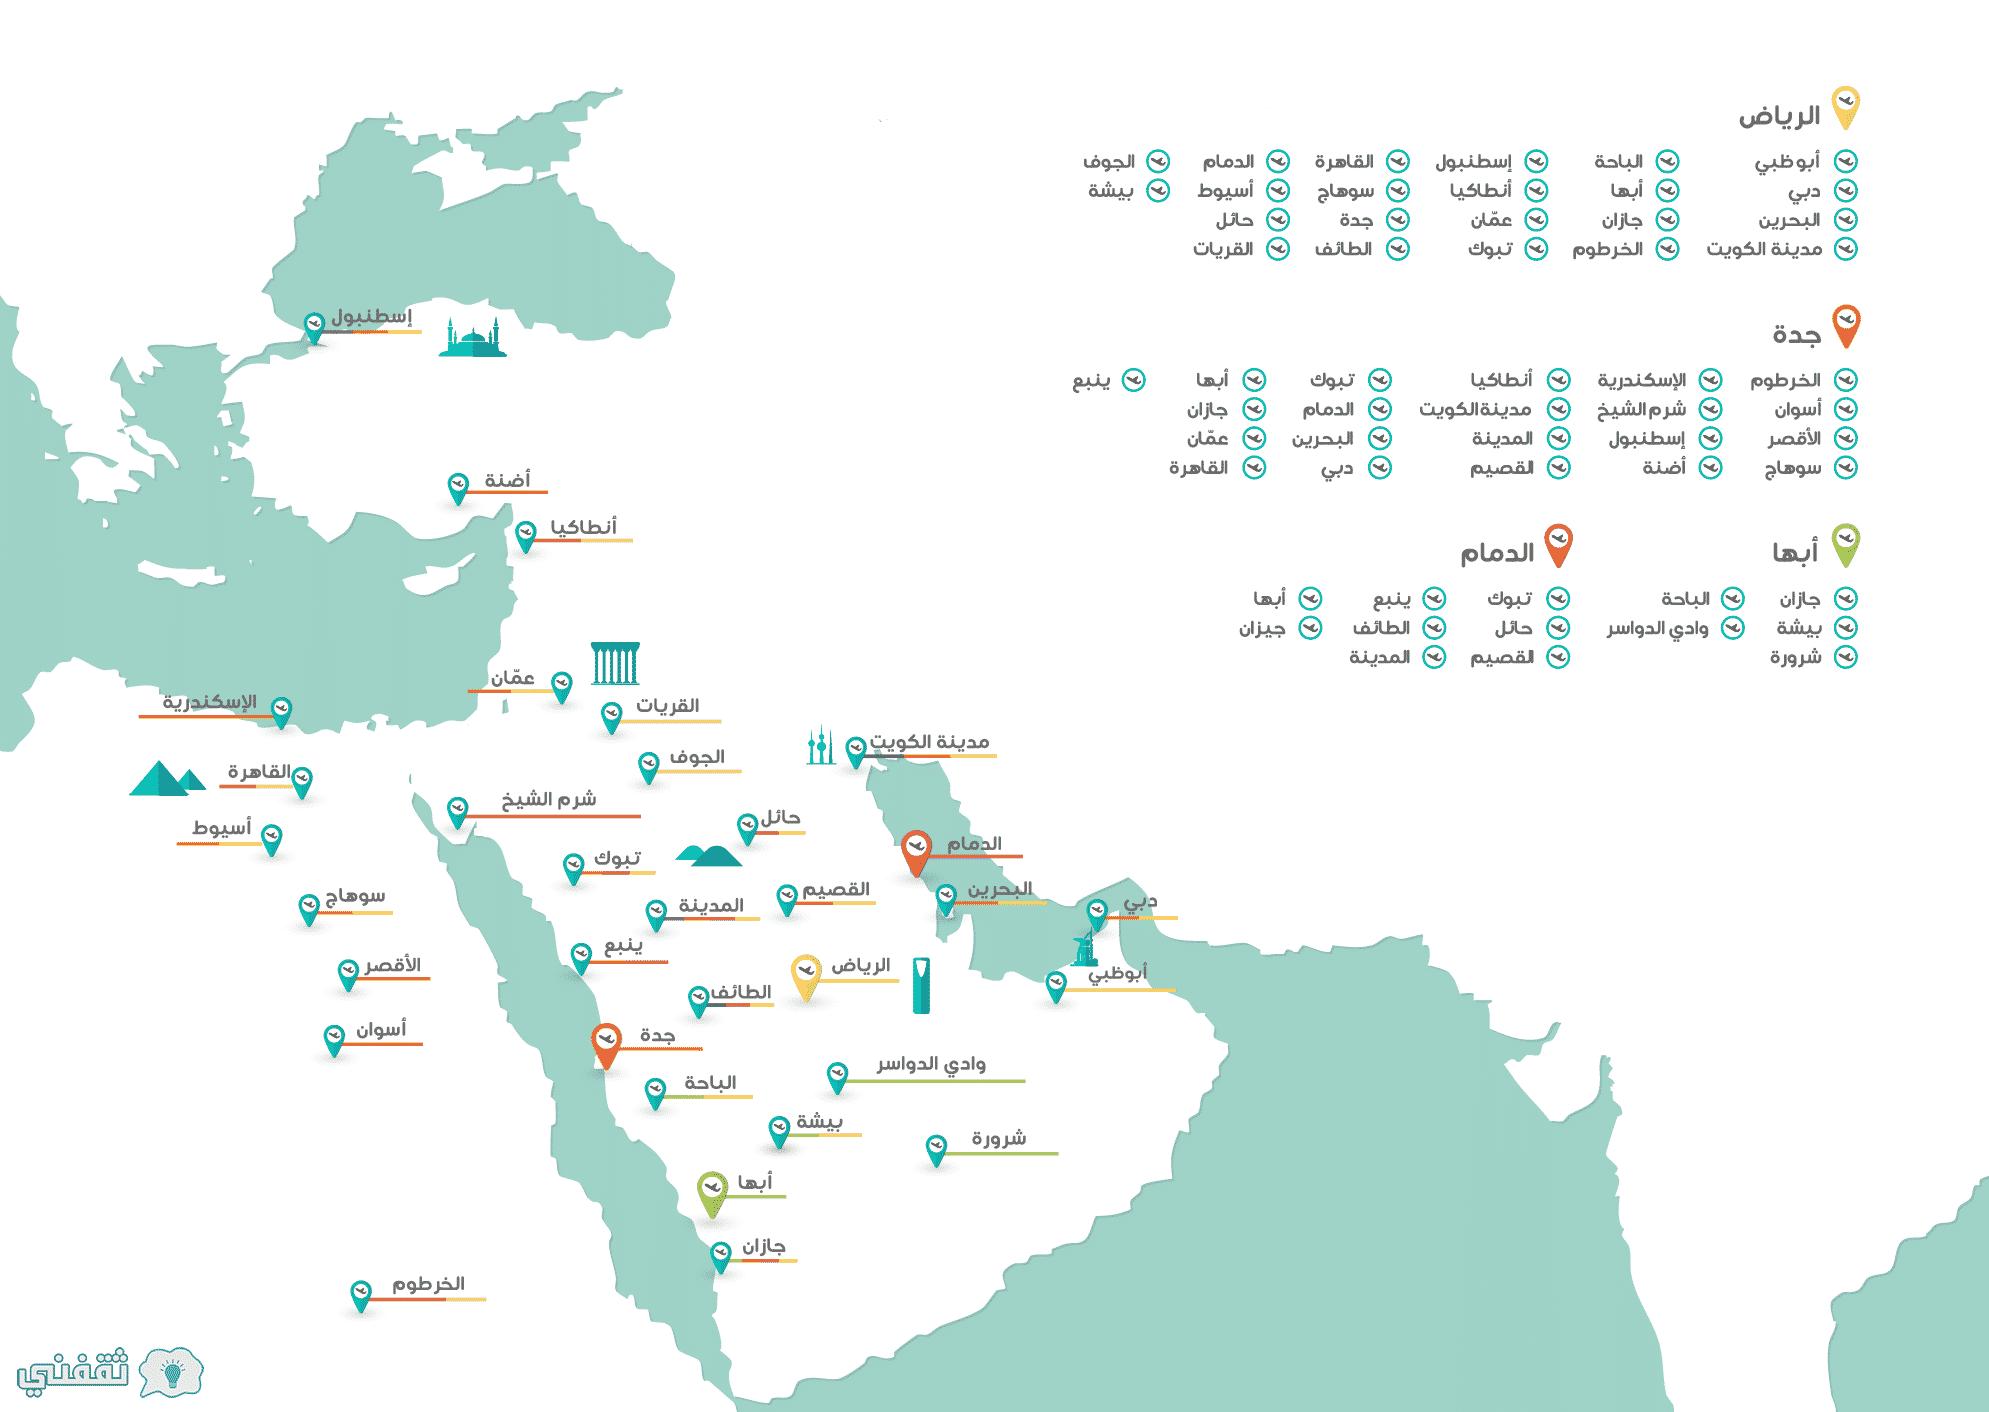 الغاء حجز الخطوط السعودية الدولية - Abu Blogs